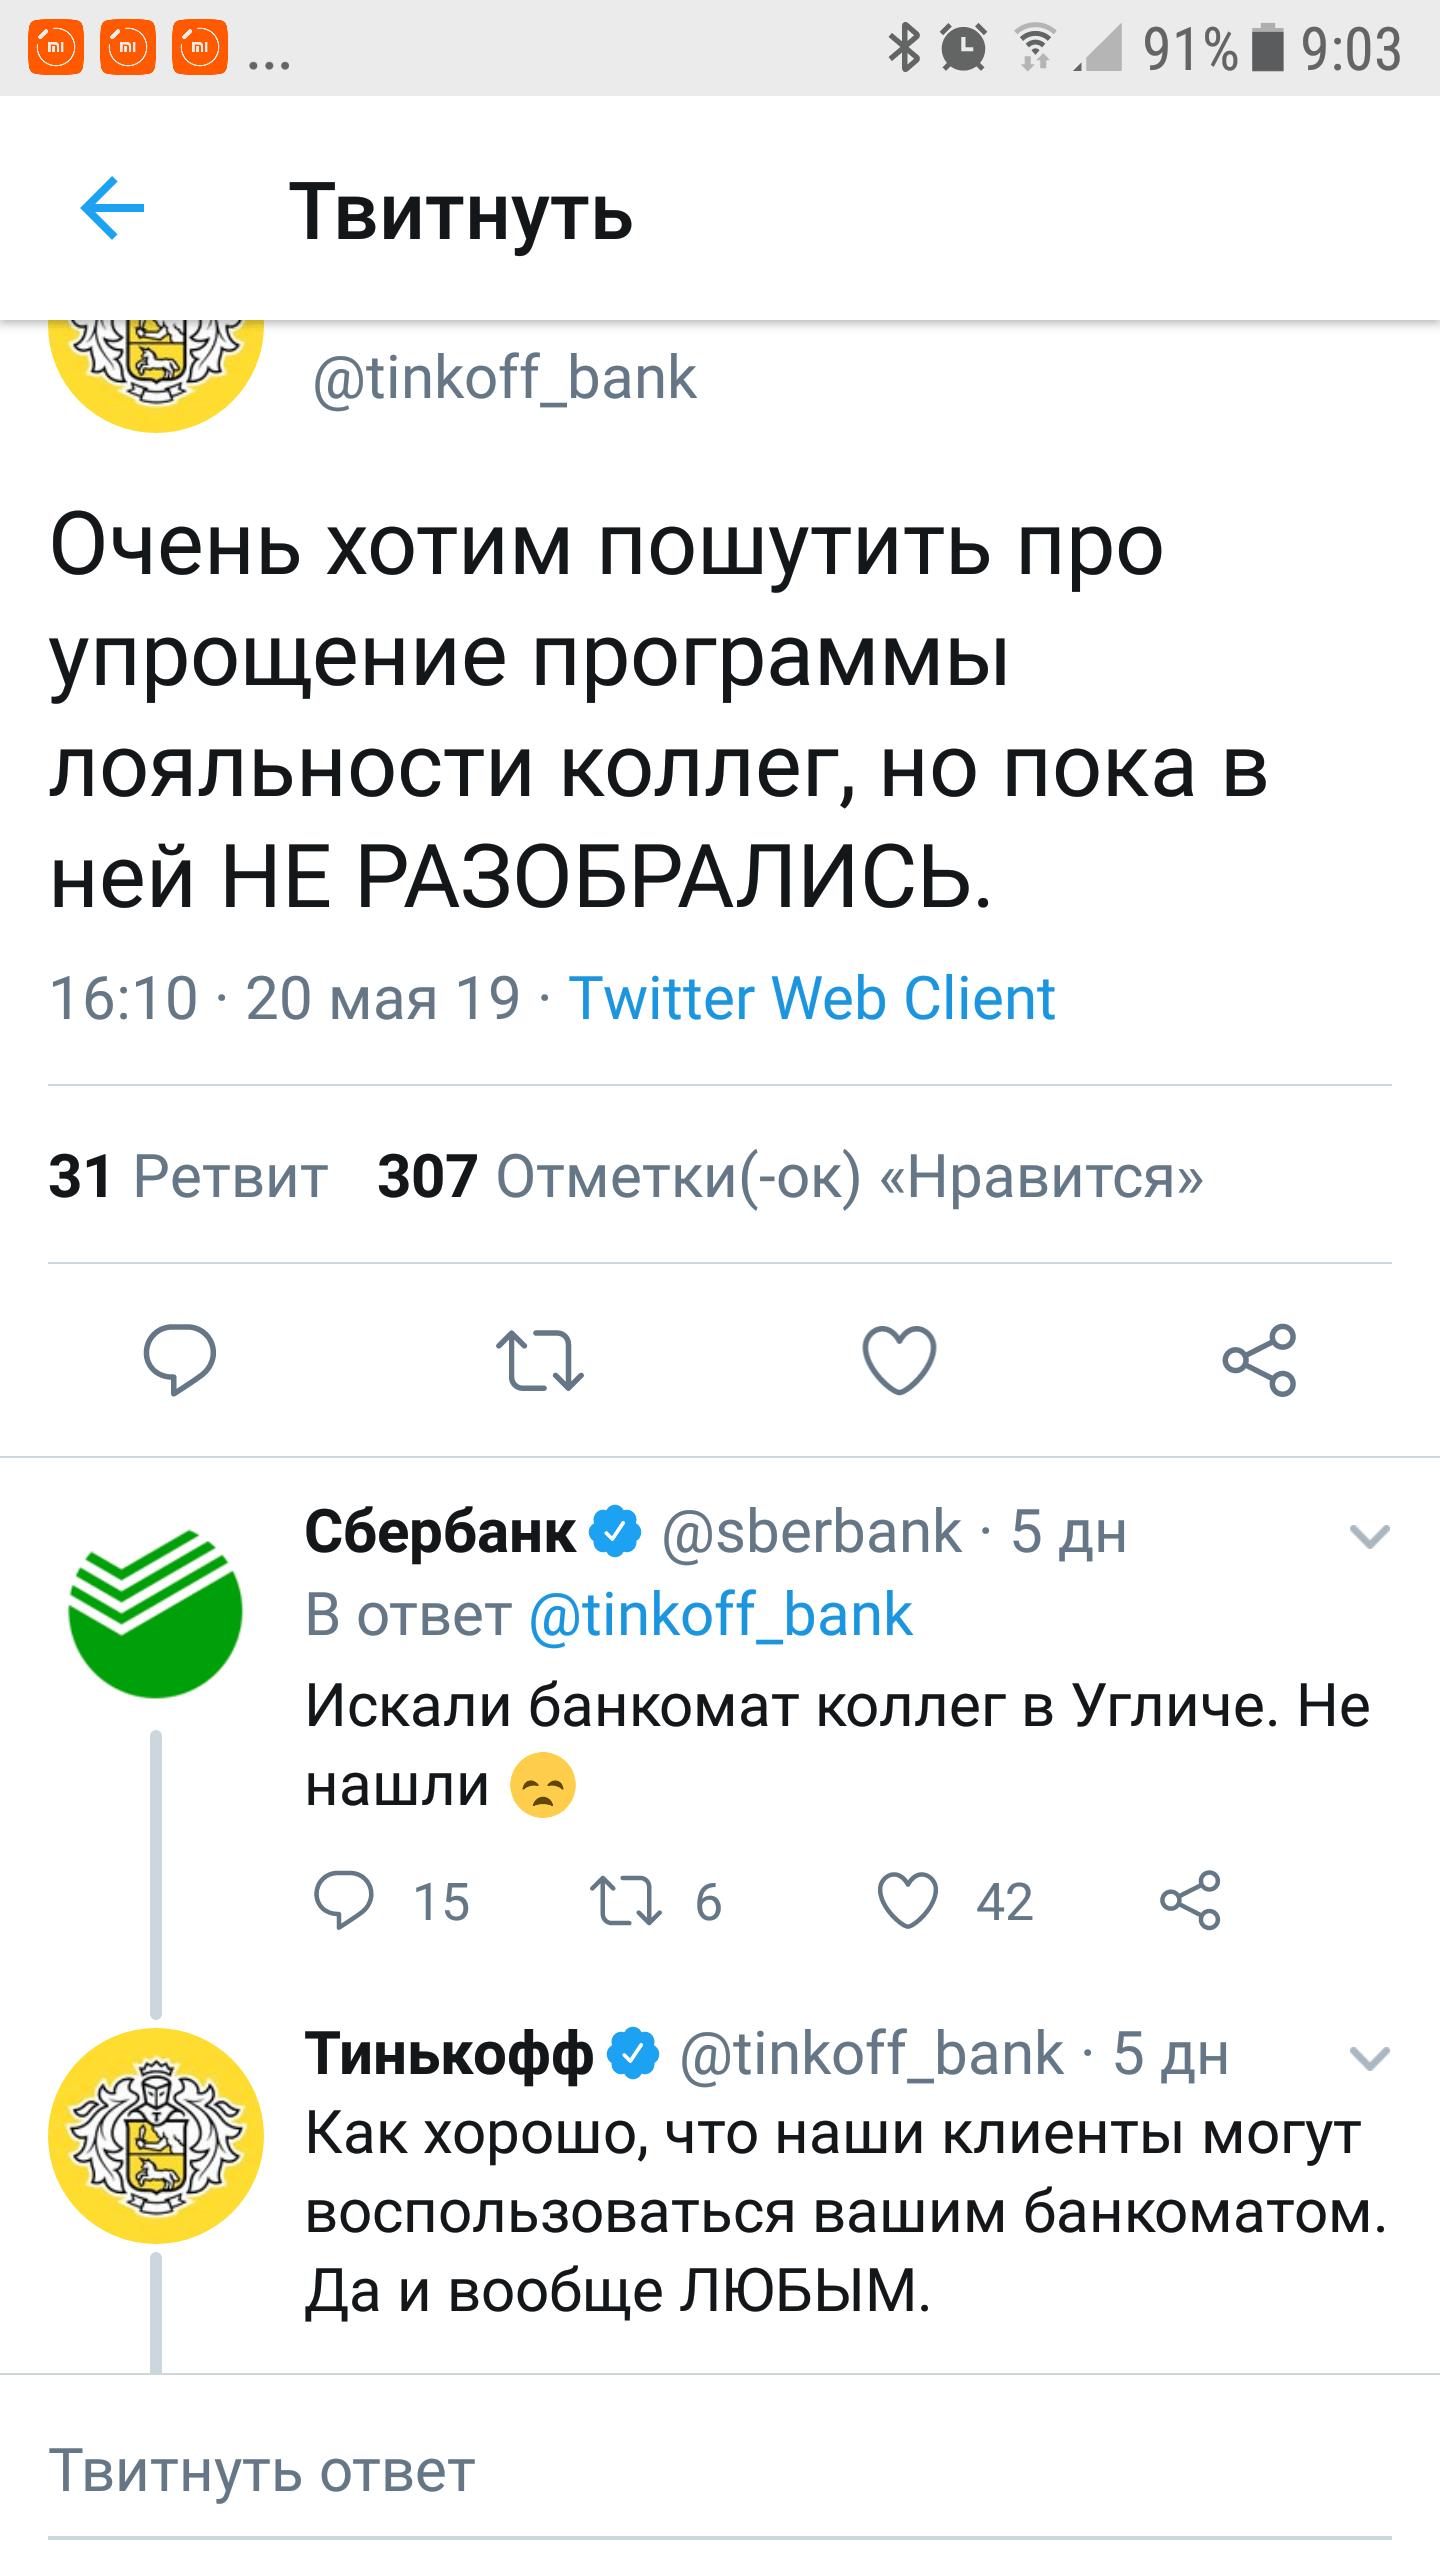 Тинькофф троллит Сбербанк